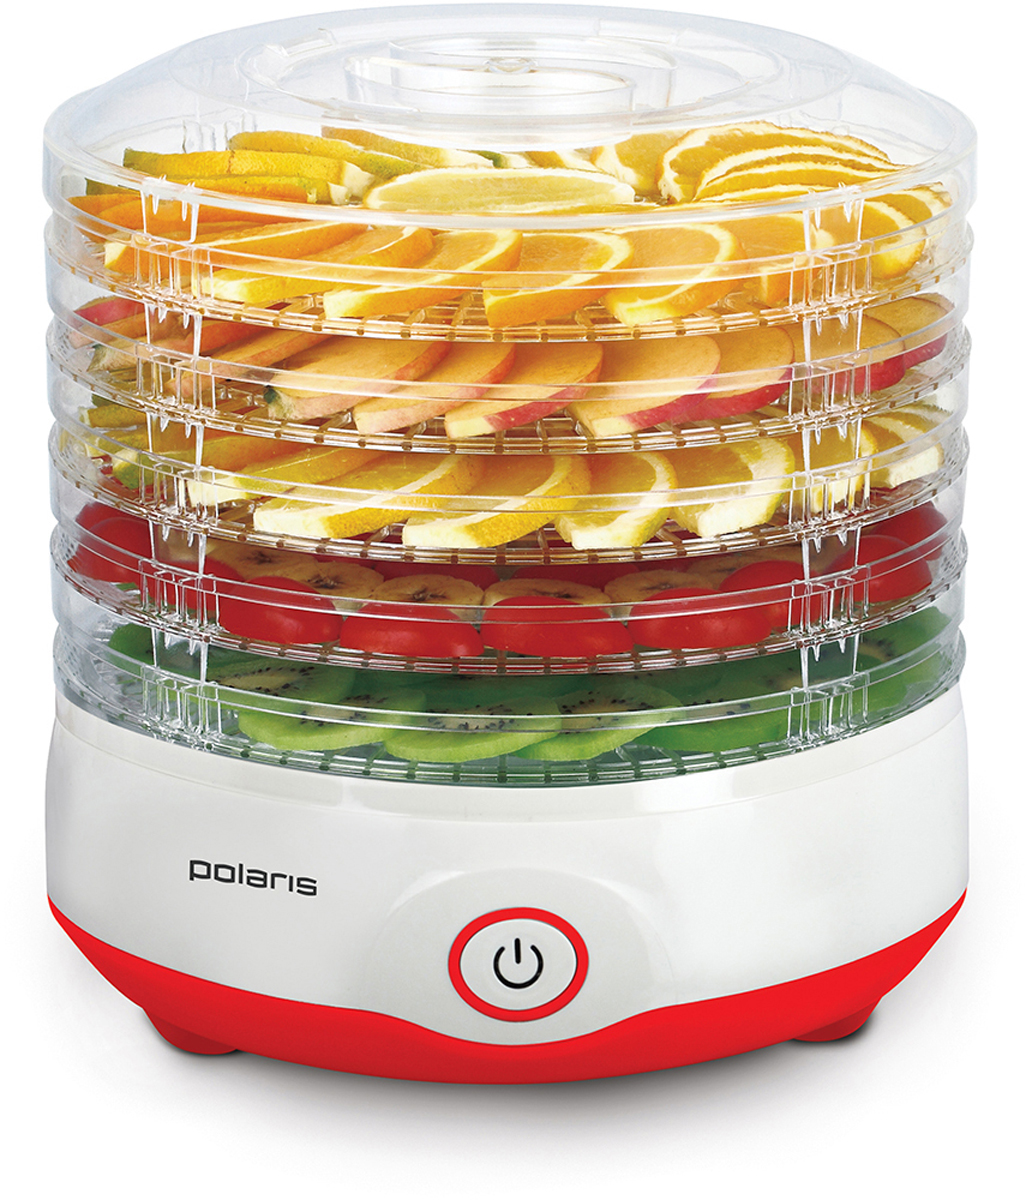 Polaris PFD 2105D сушилка для овощей и фруктов8480Polaris PFD 2105D - современная электронная сушилка для овощей и фруктов, с помощью которой можно быстро сделать заготовки на зиму. Больше не придется создавать специальные условия для заготовки сухофруктов и неделями ждать, пока они хорошо просушатся. Высота поддона - 3,5 см.Электронная сушилка для овощей экономит ваше время и позволяет при этом получить более качественный продукт. С ее помощью вы сможете создать уникальные условия сушки для каждого отдельного фрукта или овоща. В итоге получаются качественные сухофрукты, которые сохраняют все свои полезные и питательные вещества.Сушилка имеет стильный дизайн и отлично впишется в интерьер любой кухни. Кроме того, ее можно разобрать и сложить в любое место.